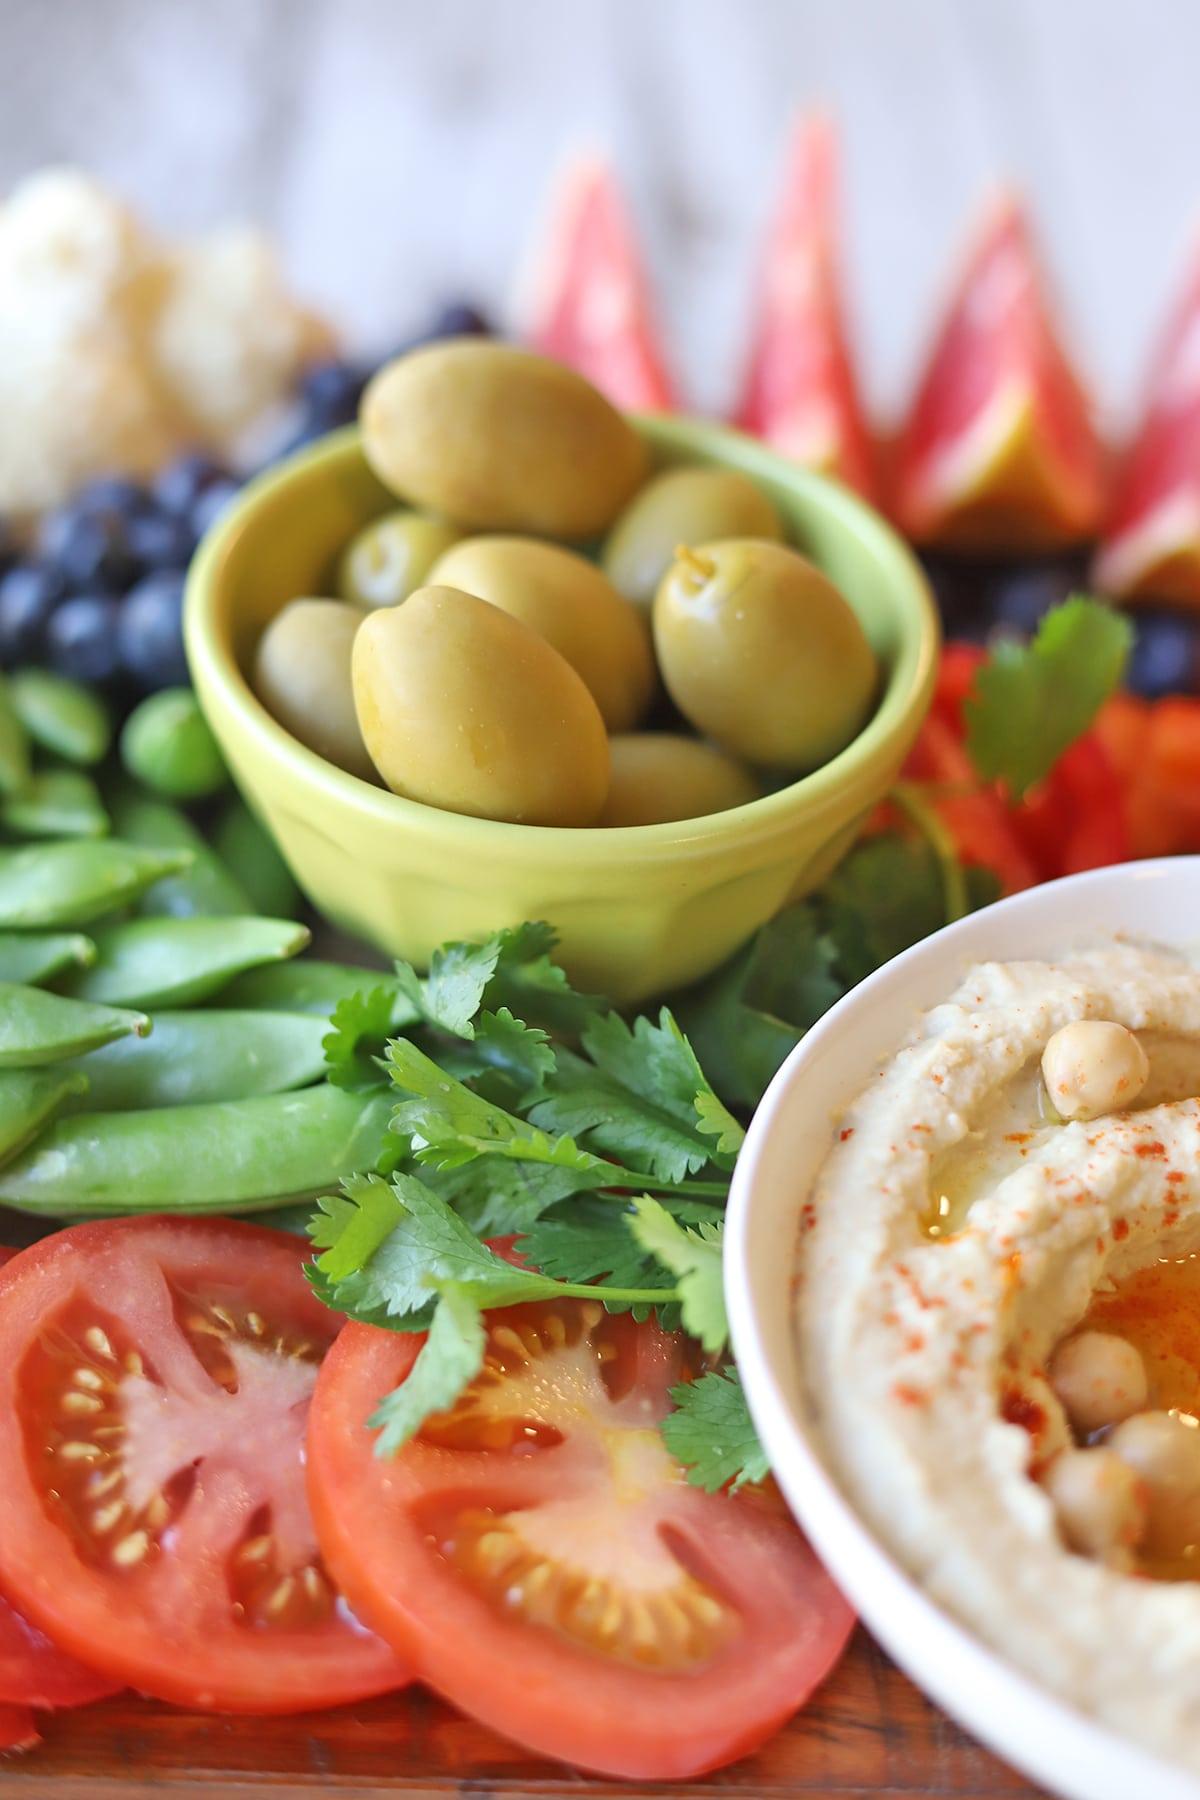 Chalkidiki olives in bowl.